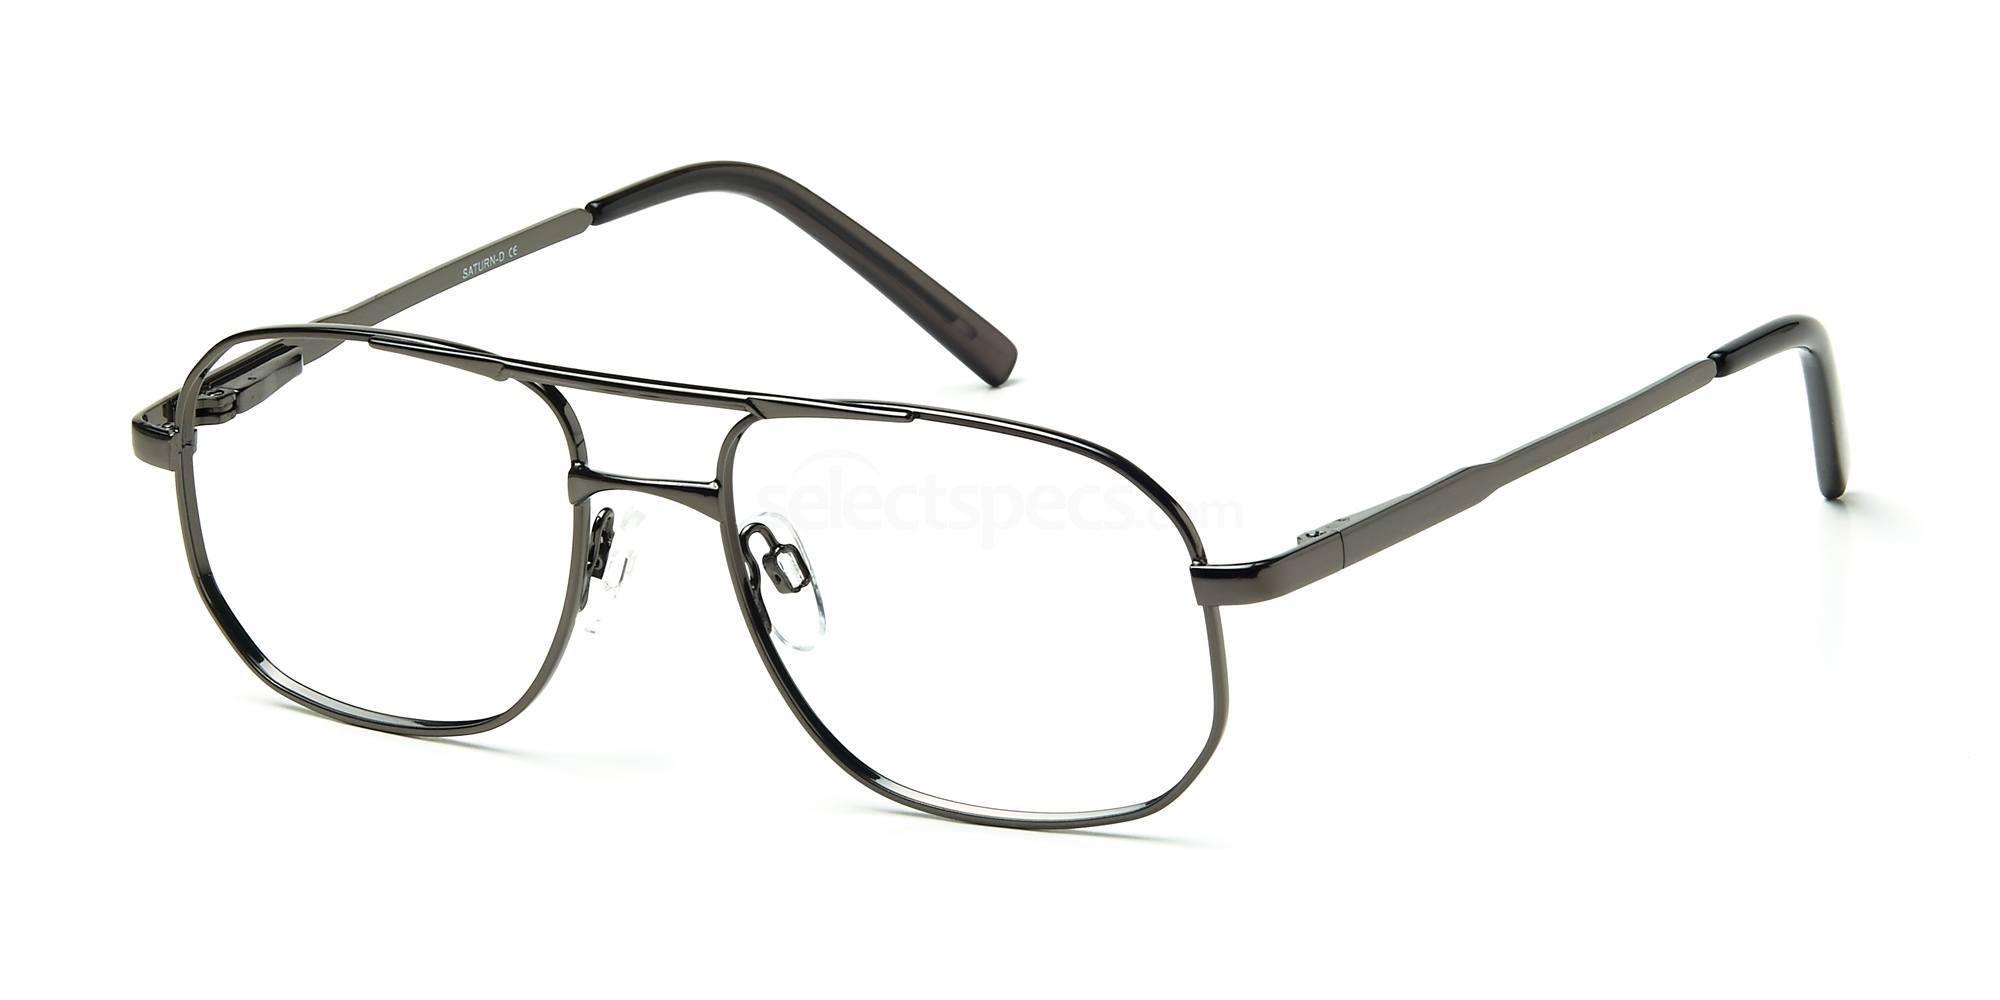 C2 SATD Glasses, Saturn